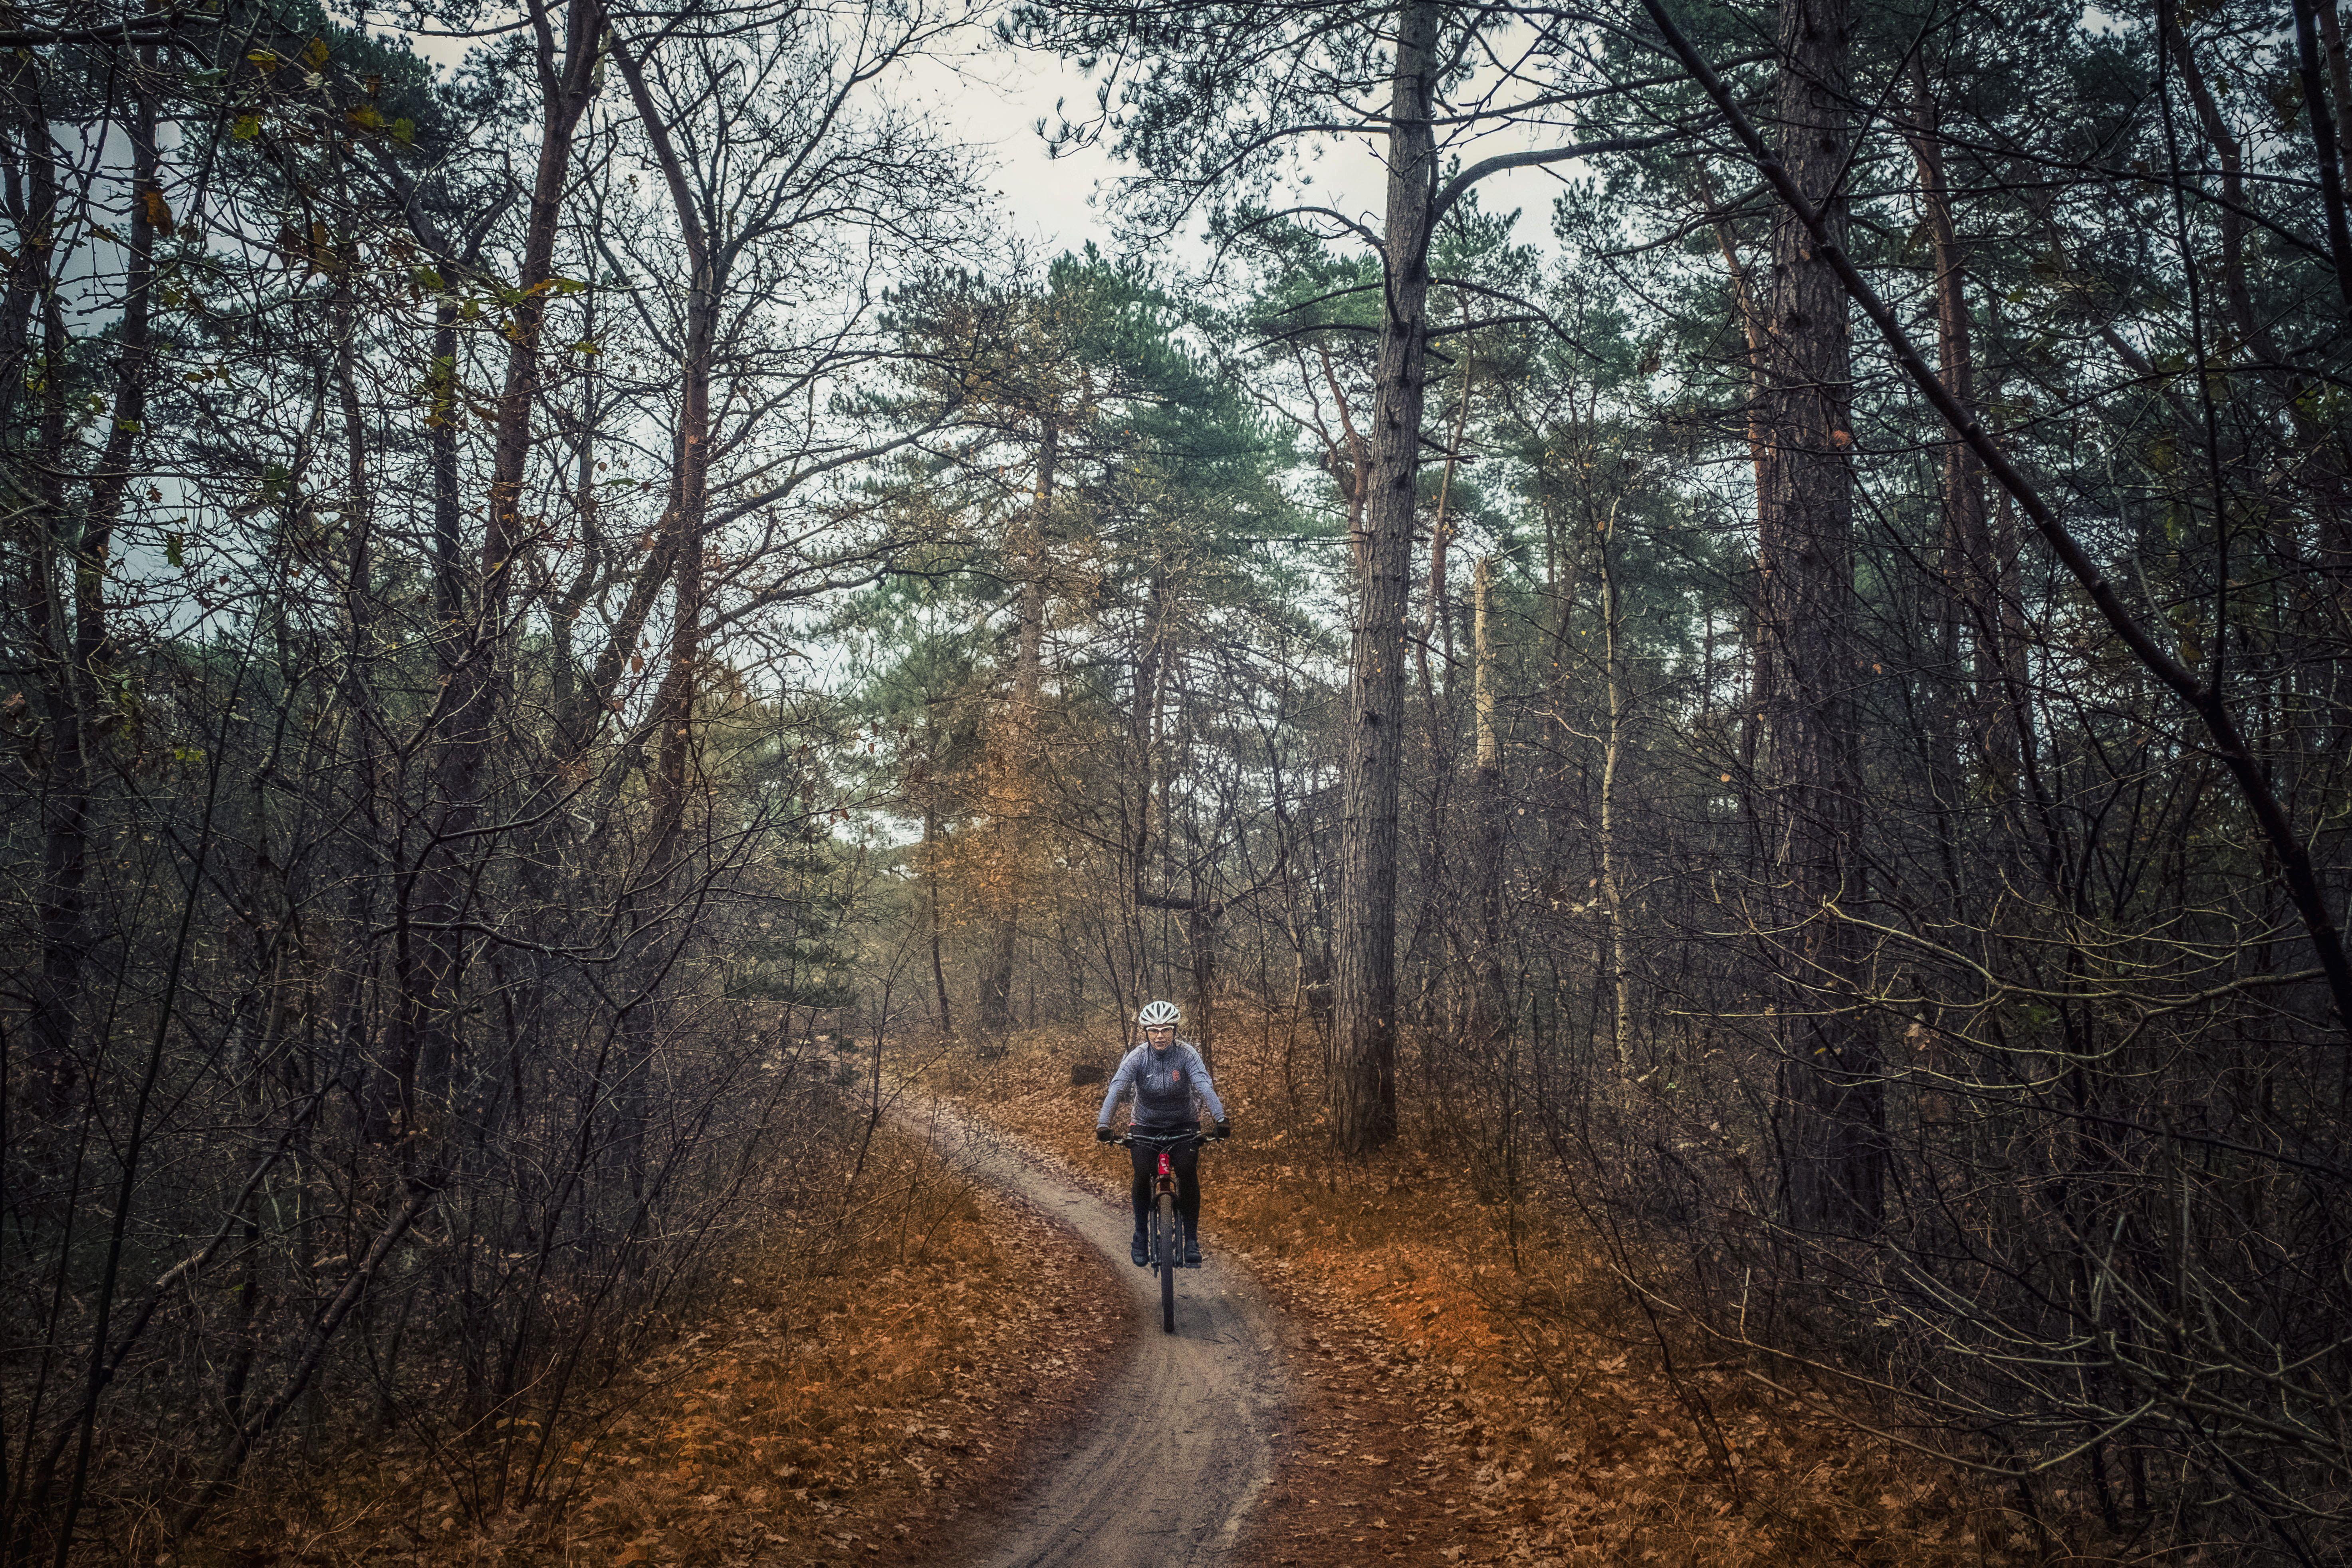 De gemeente Bergen verleent de vergunning voor het omstreden nieuwe mountainbikeroute in de Schoorlse Duinen